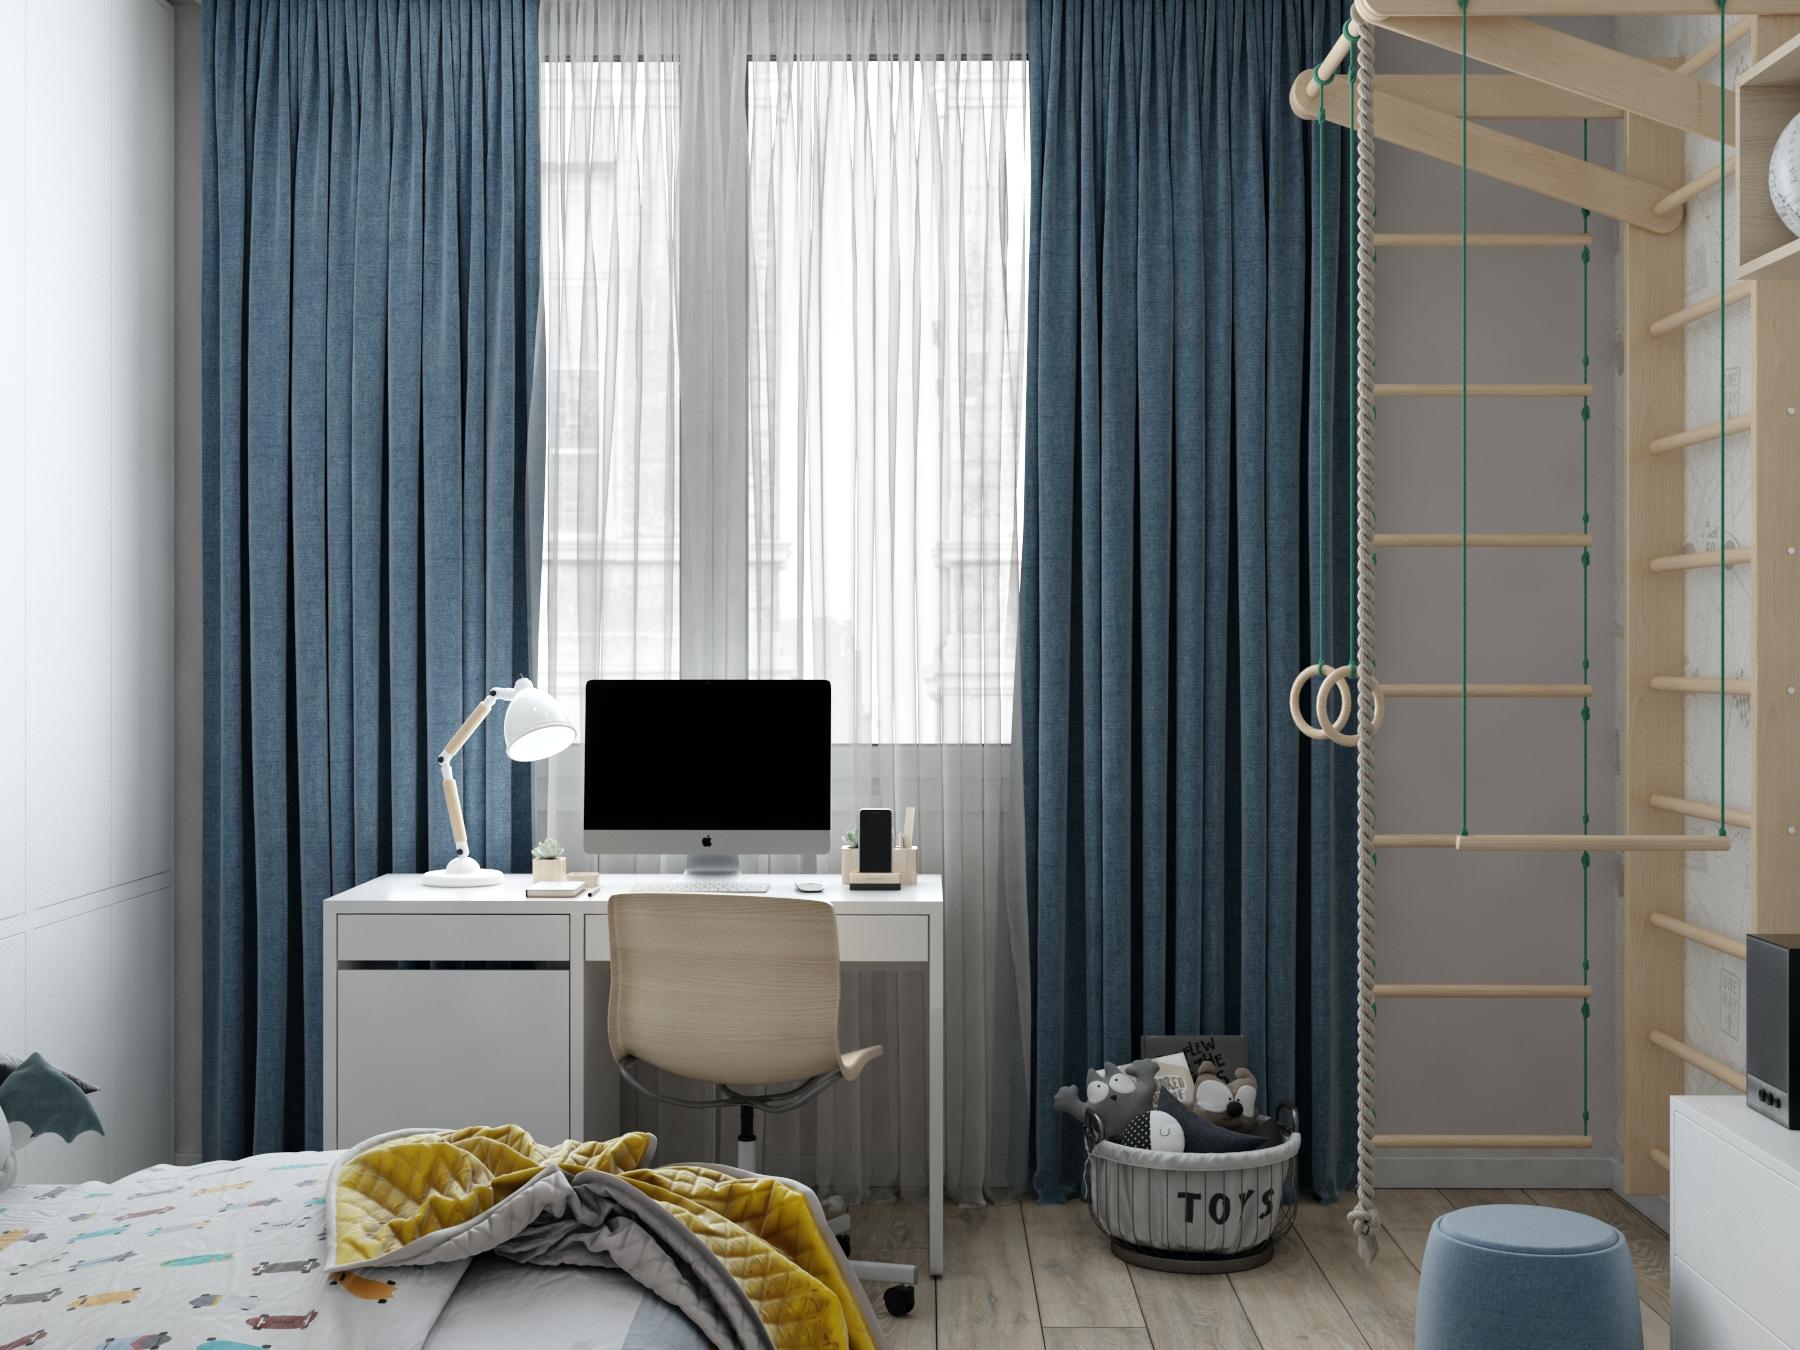 Картинка детской комнаты со шведской стенкой